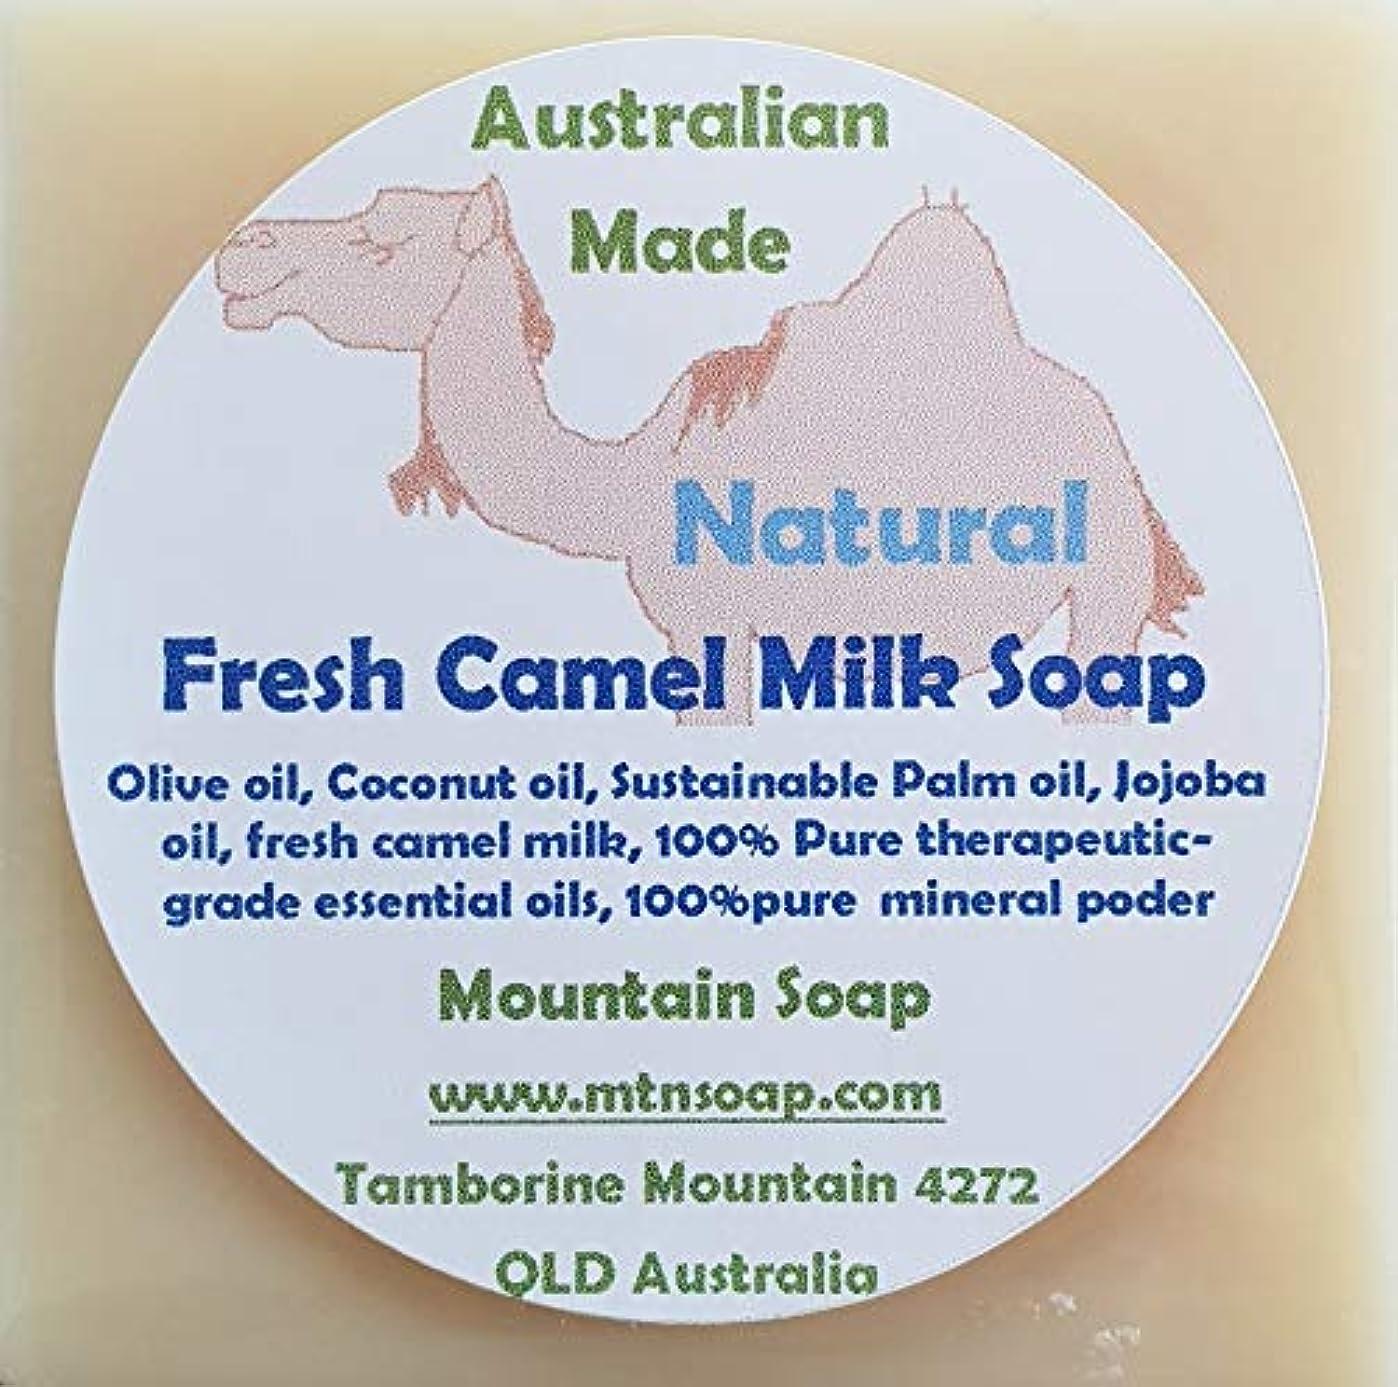 おもてなしマンモスノイズ【Mountain Soap】マウンテンソープ 農場直送絞りたて生乳使用 キャメルミルク石鹸 CAMEL MILK キャメルミルクソープ ラクダミルク石鹸 (ナチュラル(無香料))